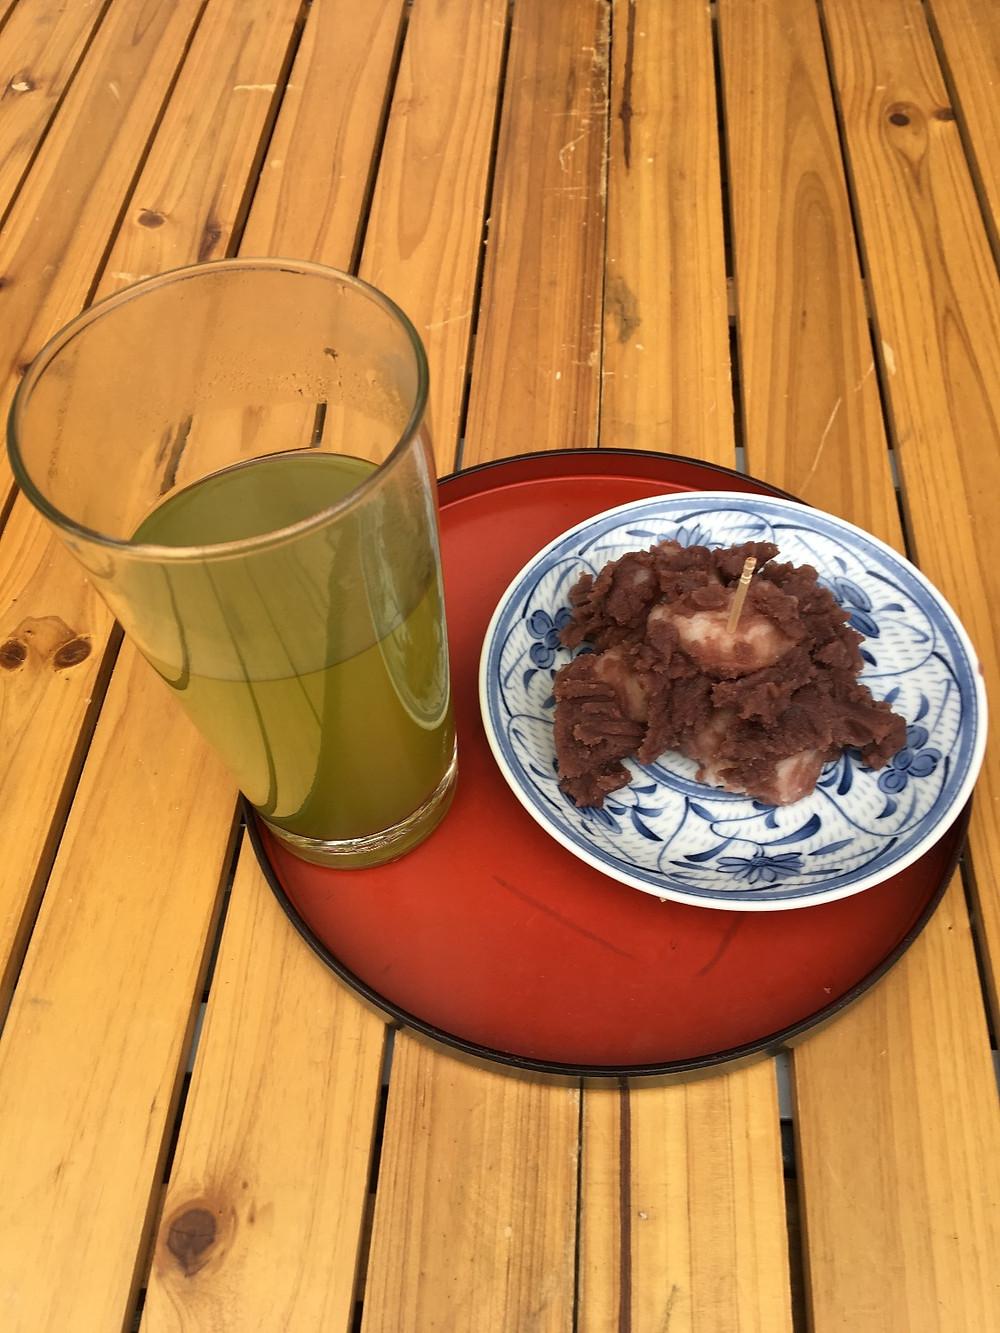 緑茶とお団子の映像